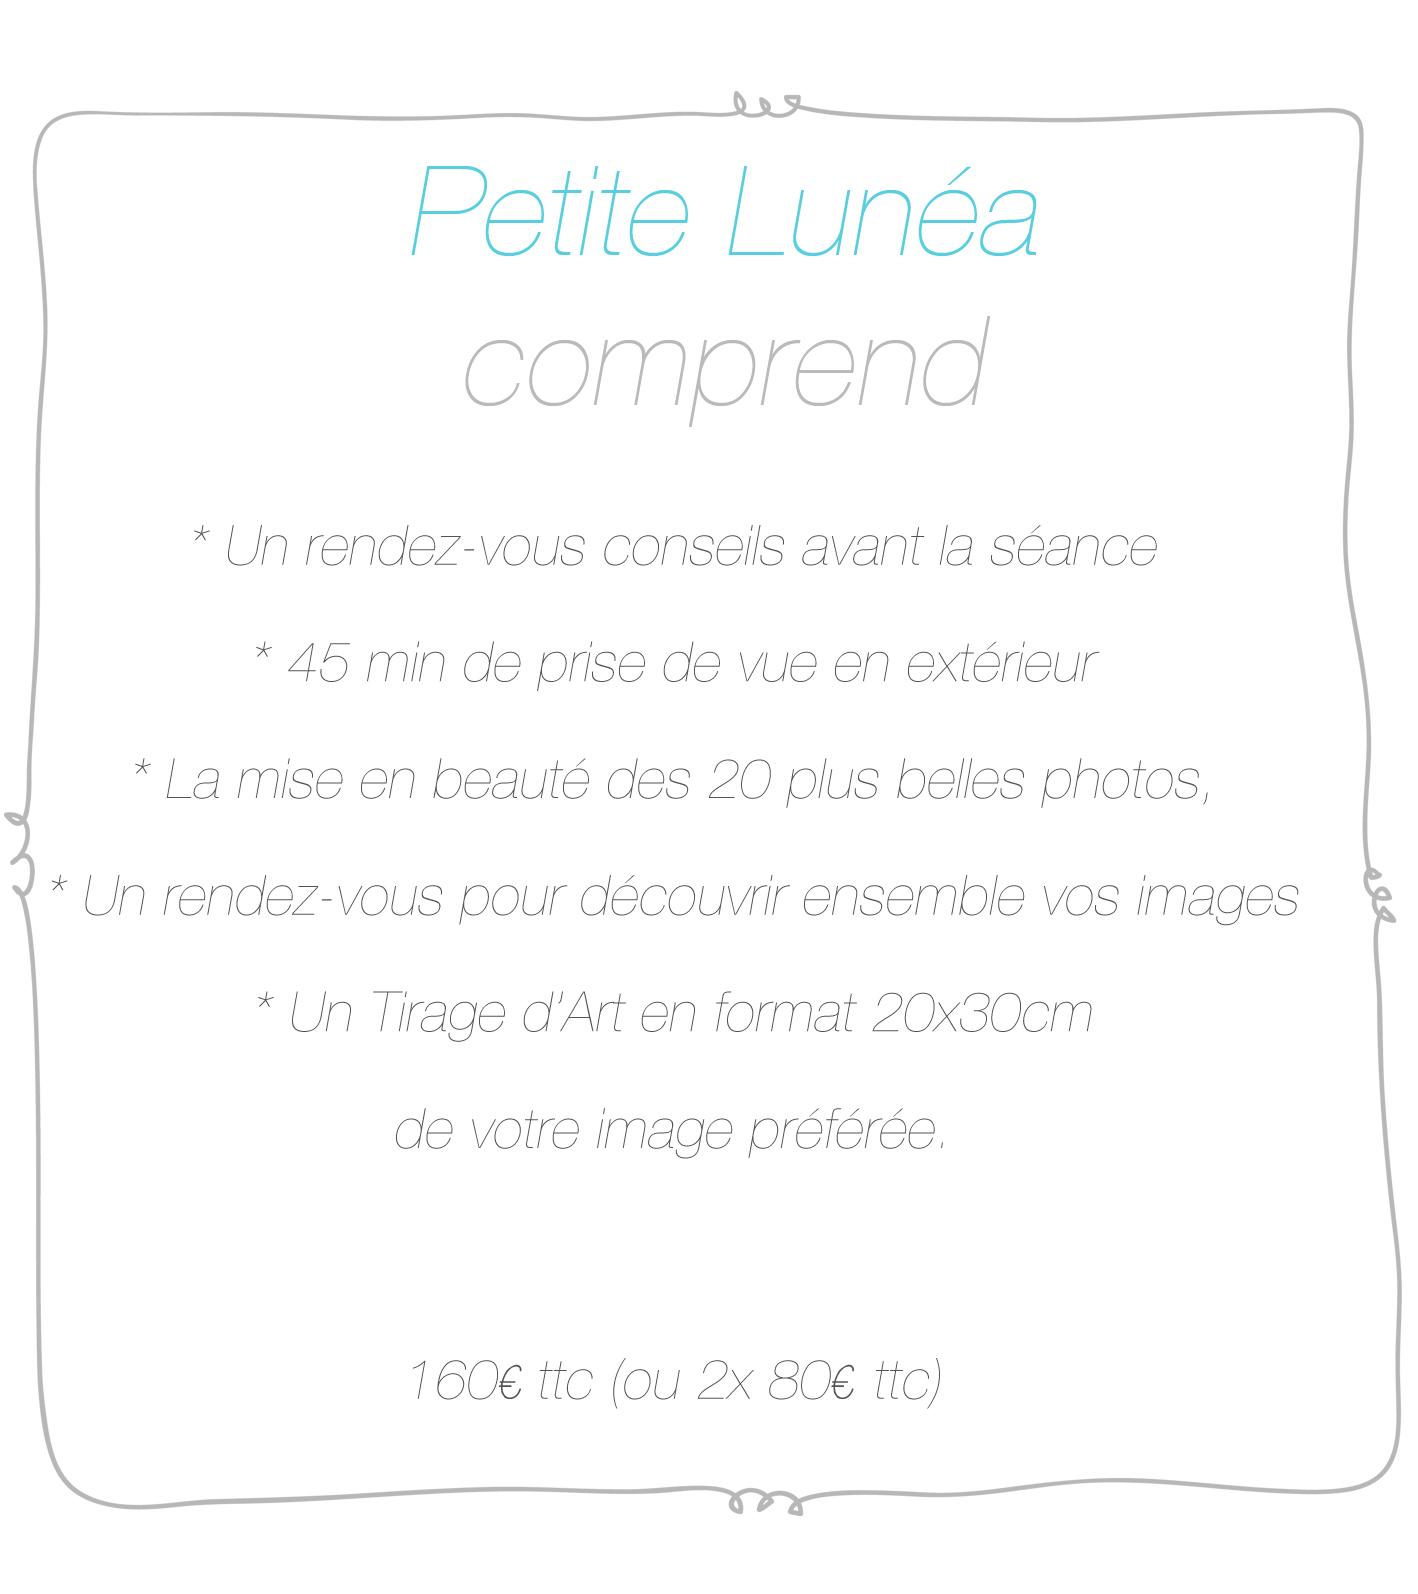 petite lunea_etiquette2